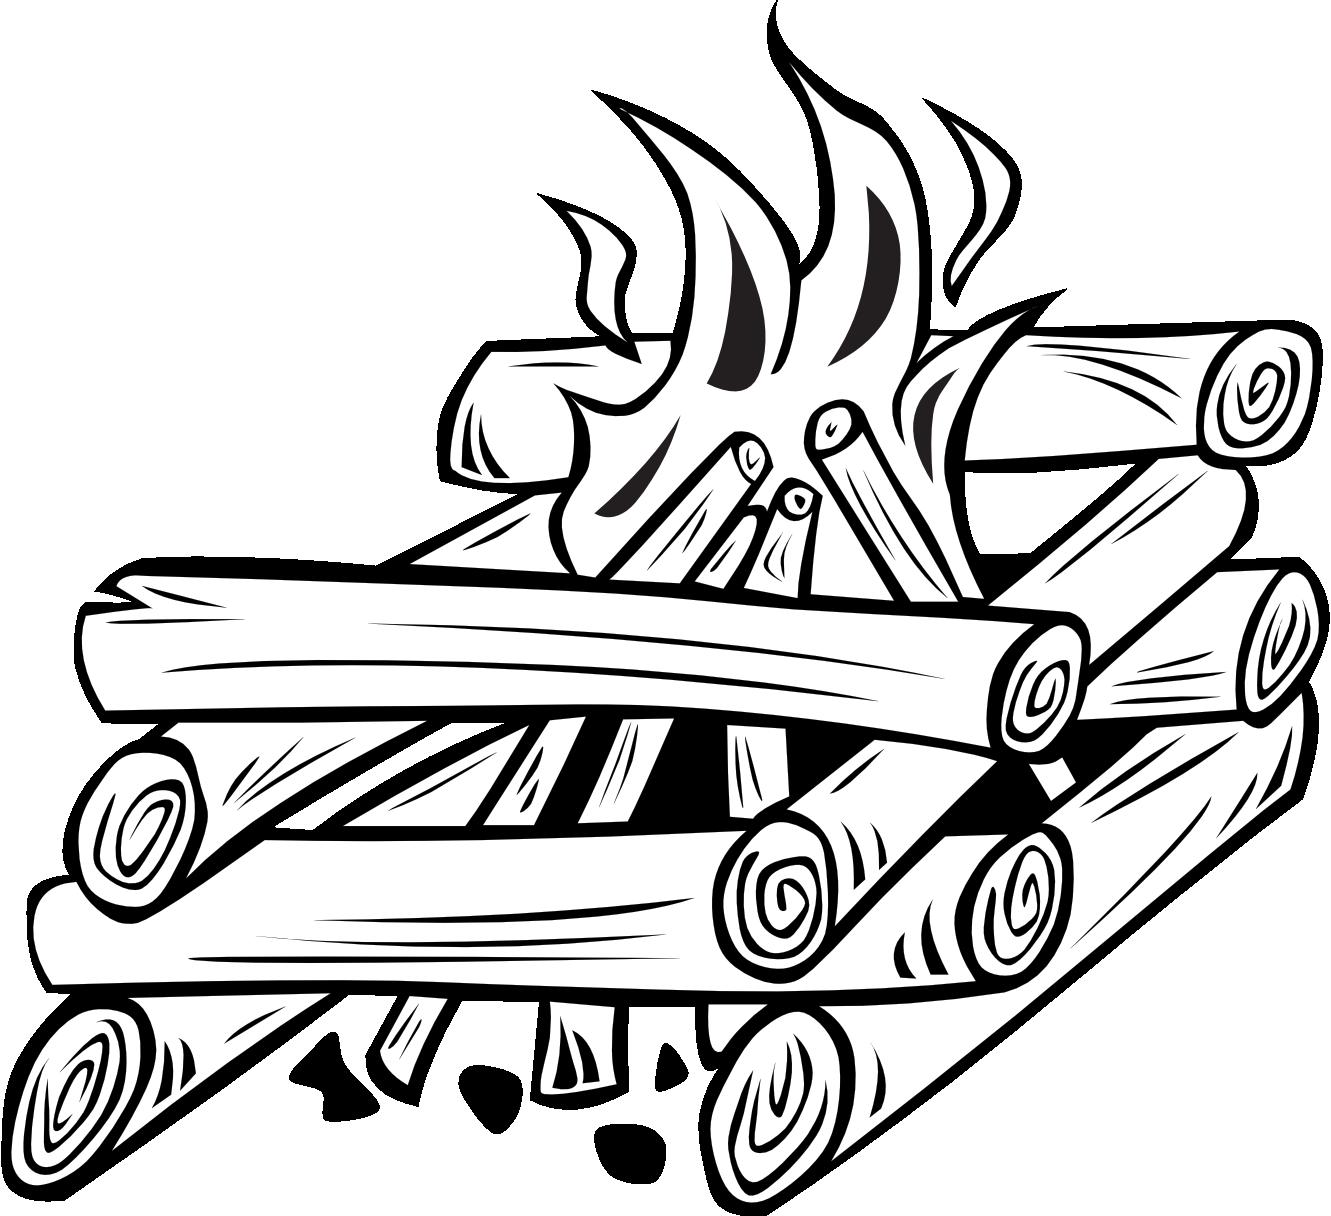 Recipe book clipart free black and white clip black and white download Black And White Campfire Clipart | Clipart Panda - Free Clipart Images clip black and white download